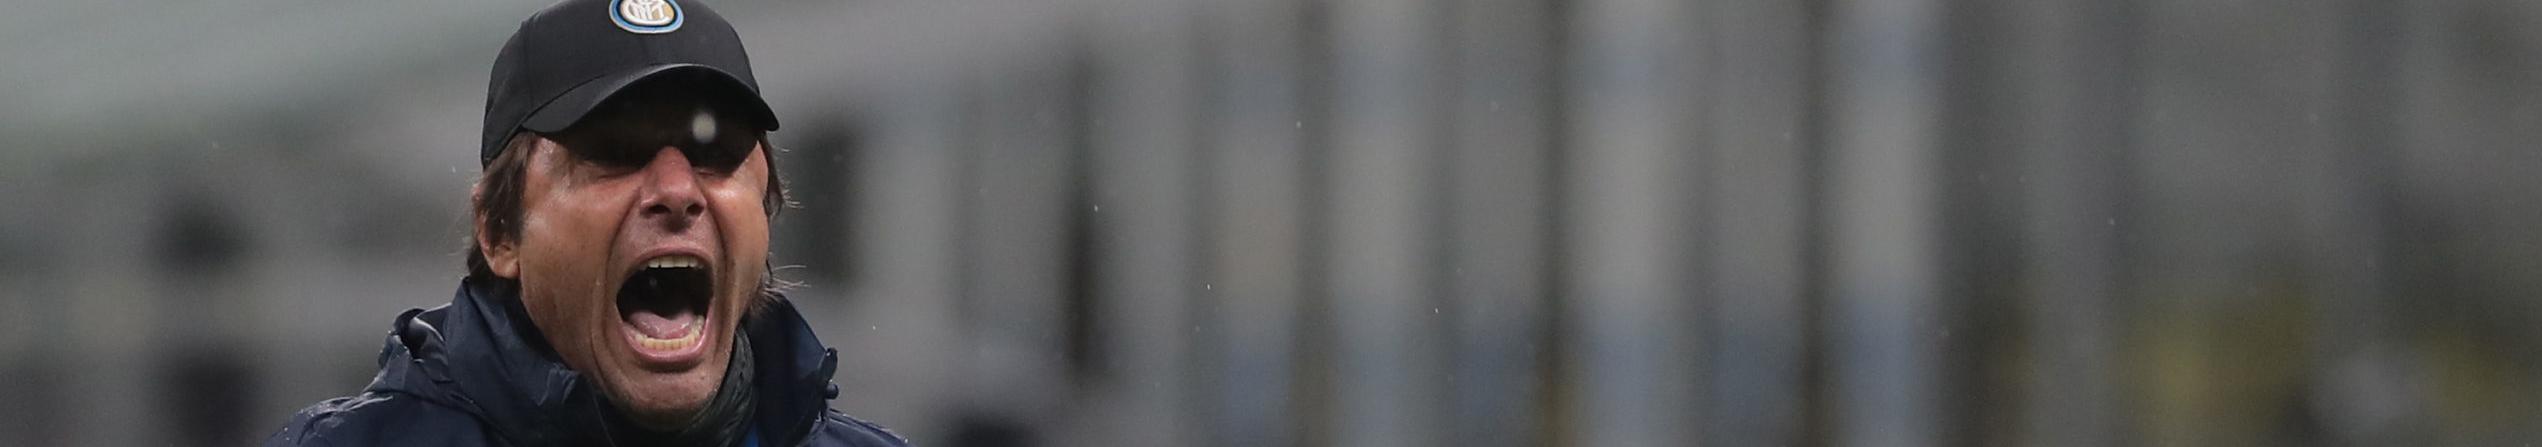 Conte, le prime 14 di campionato a confronto: rendimento sempre al top